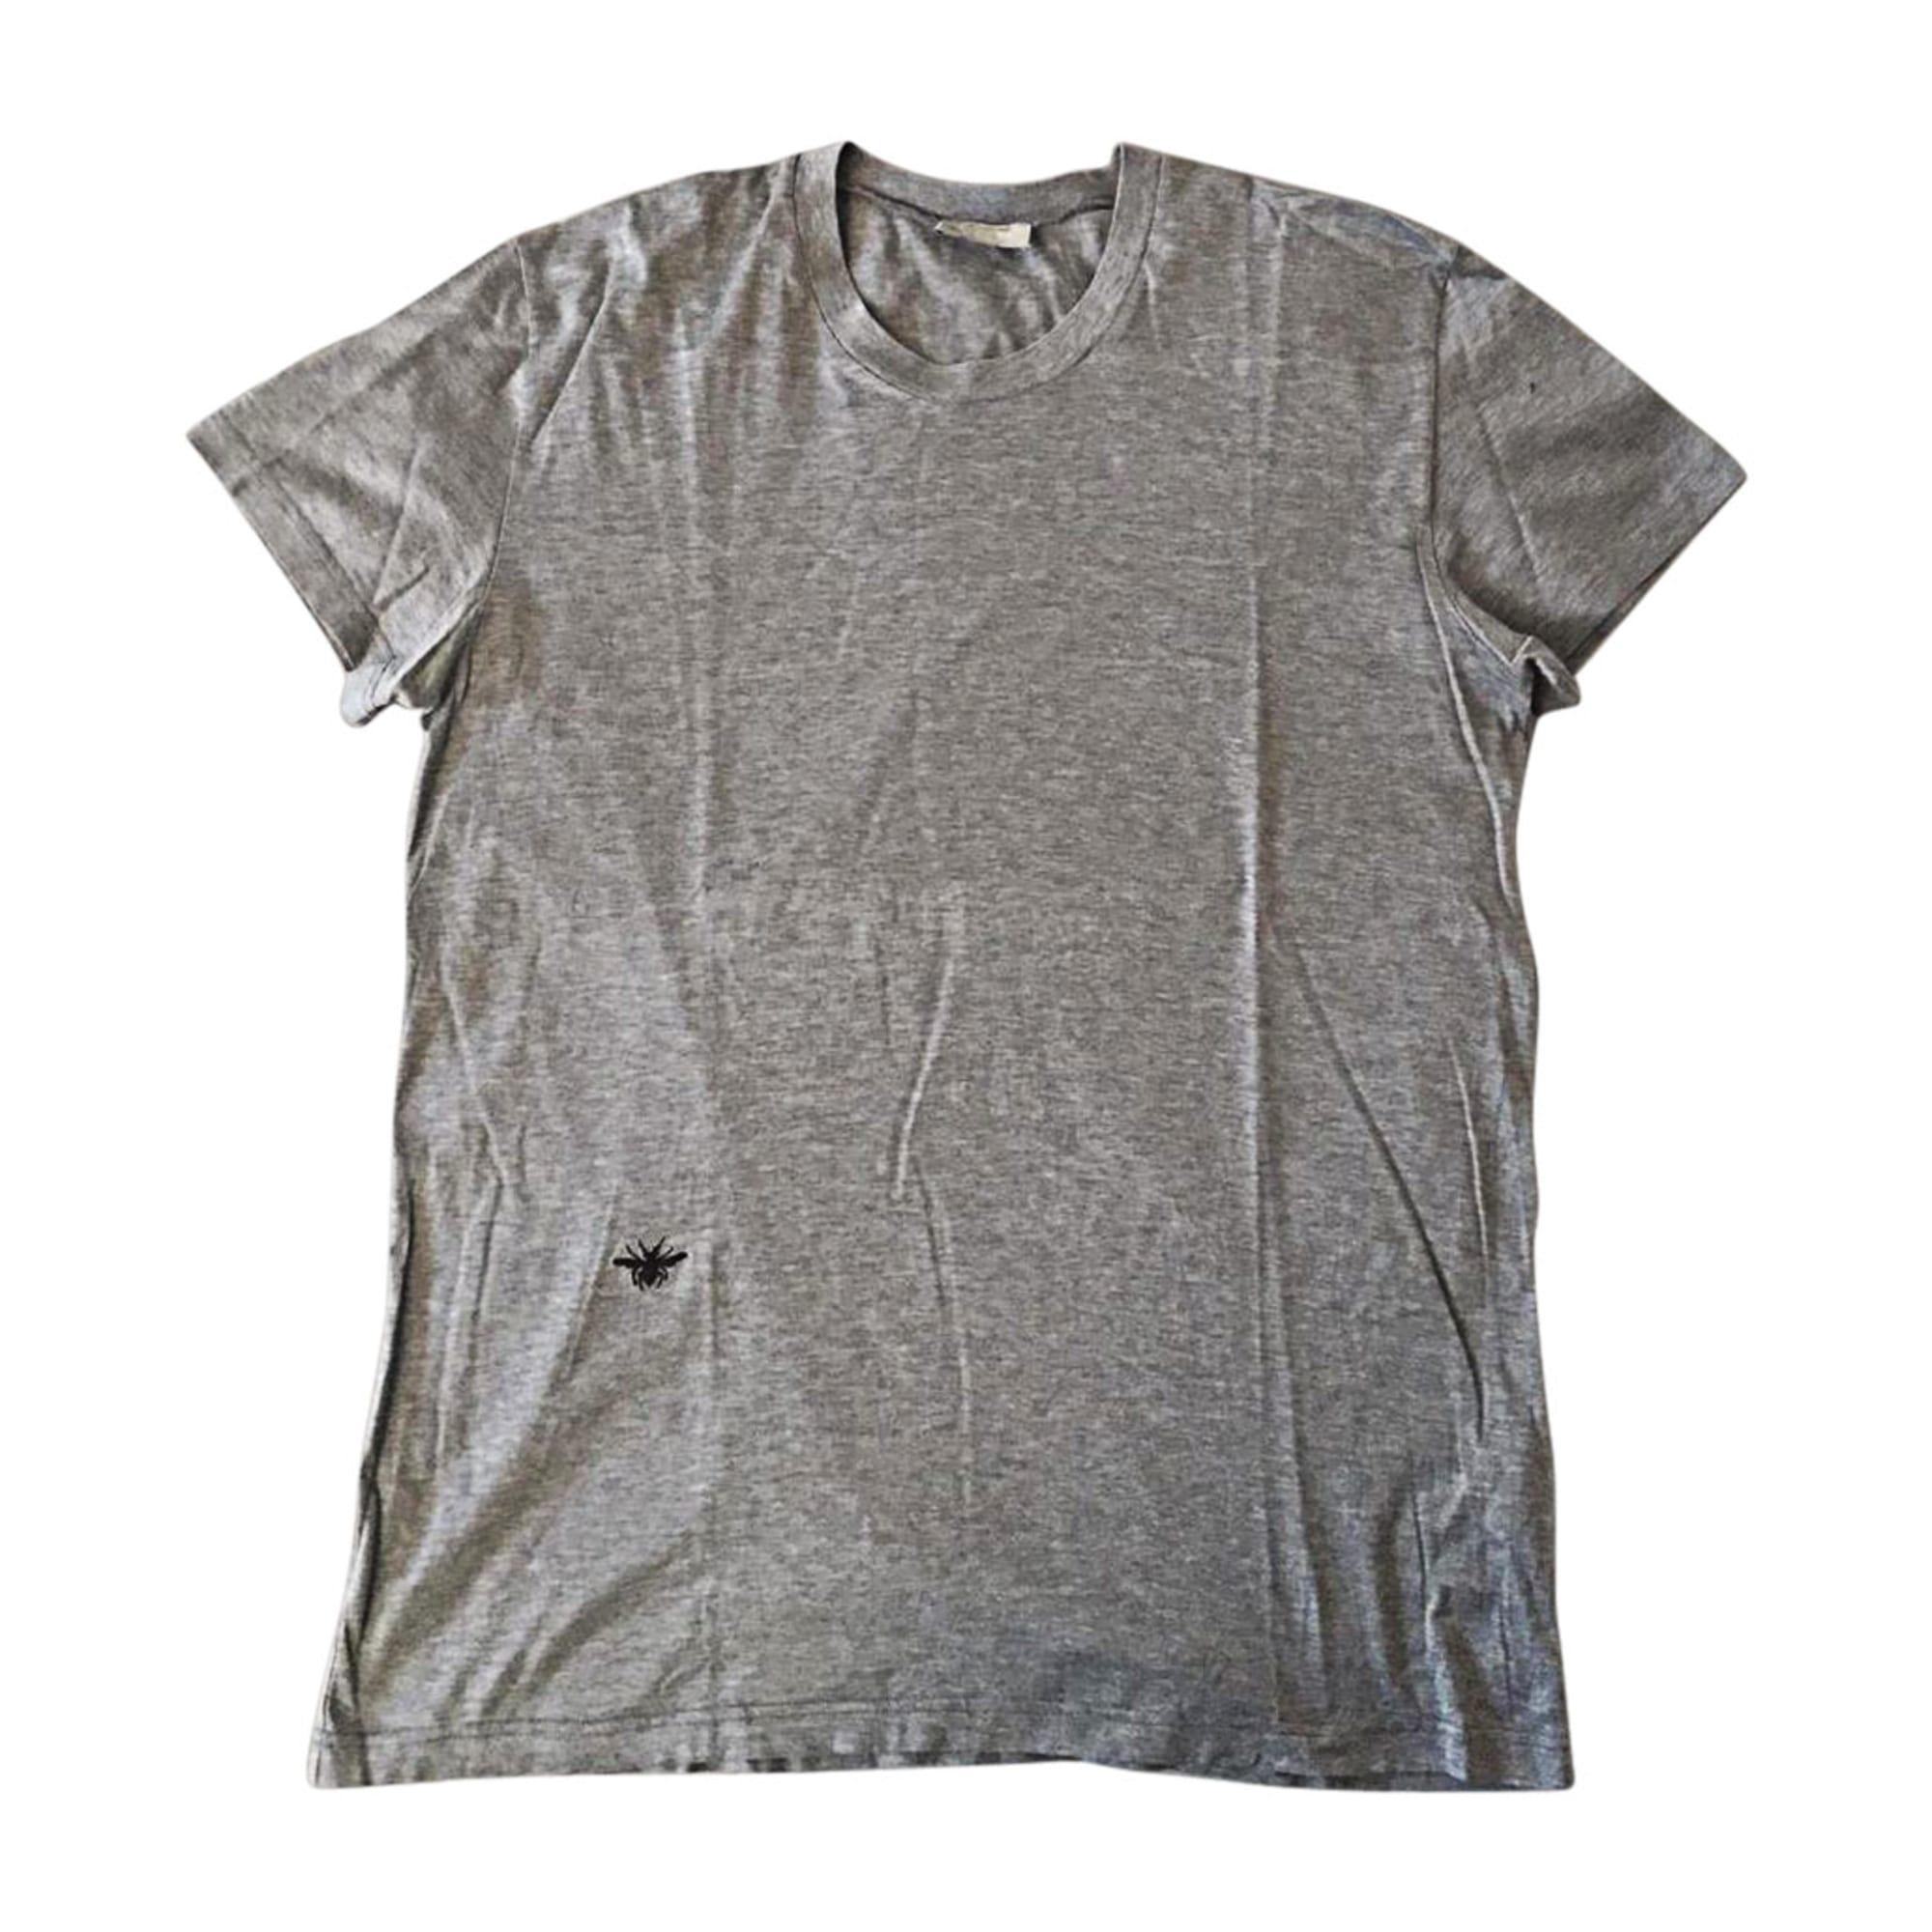 43d286623dc Tee-shirt DIOR HOMME 2 (M) gris vendu par Natale523030 - 4485234